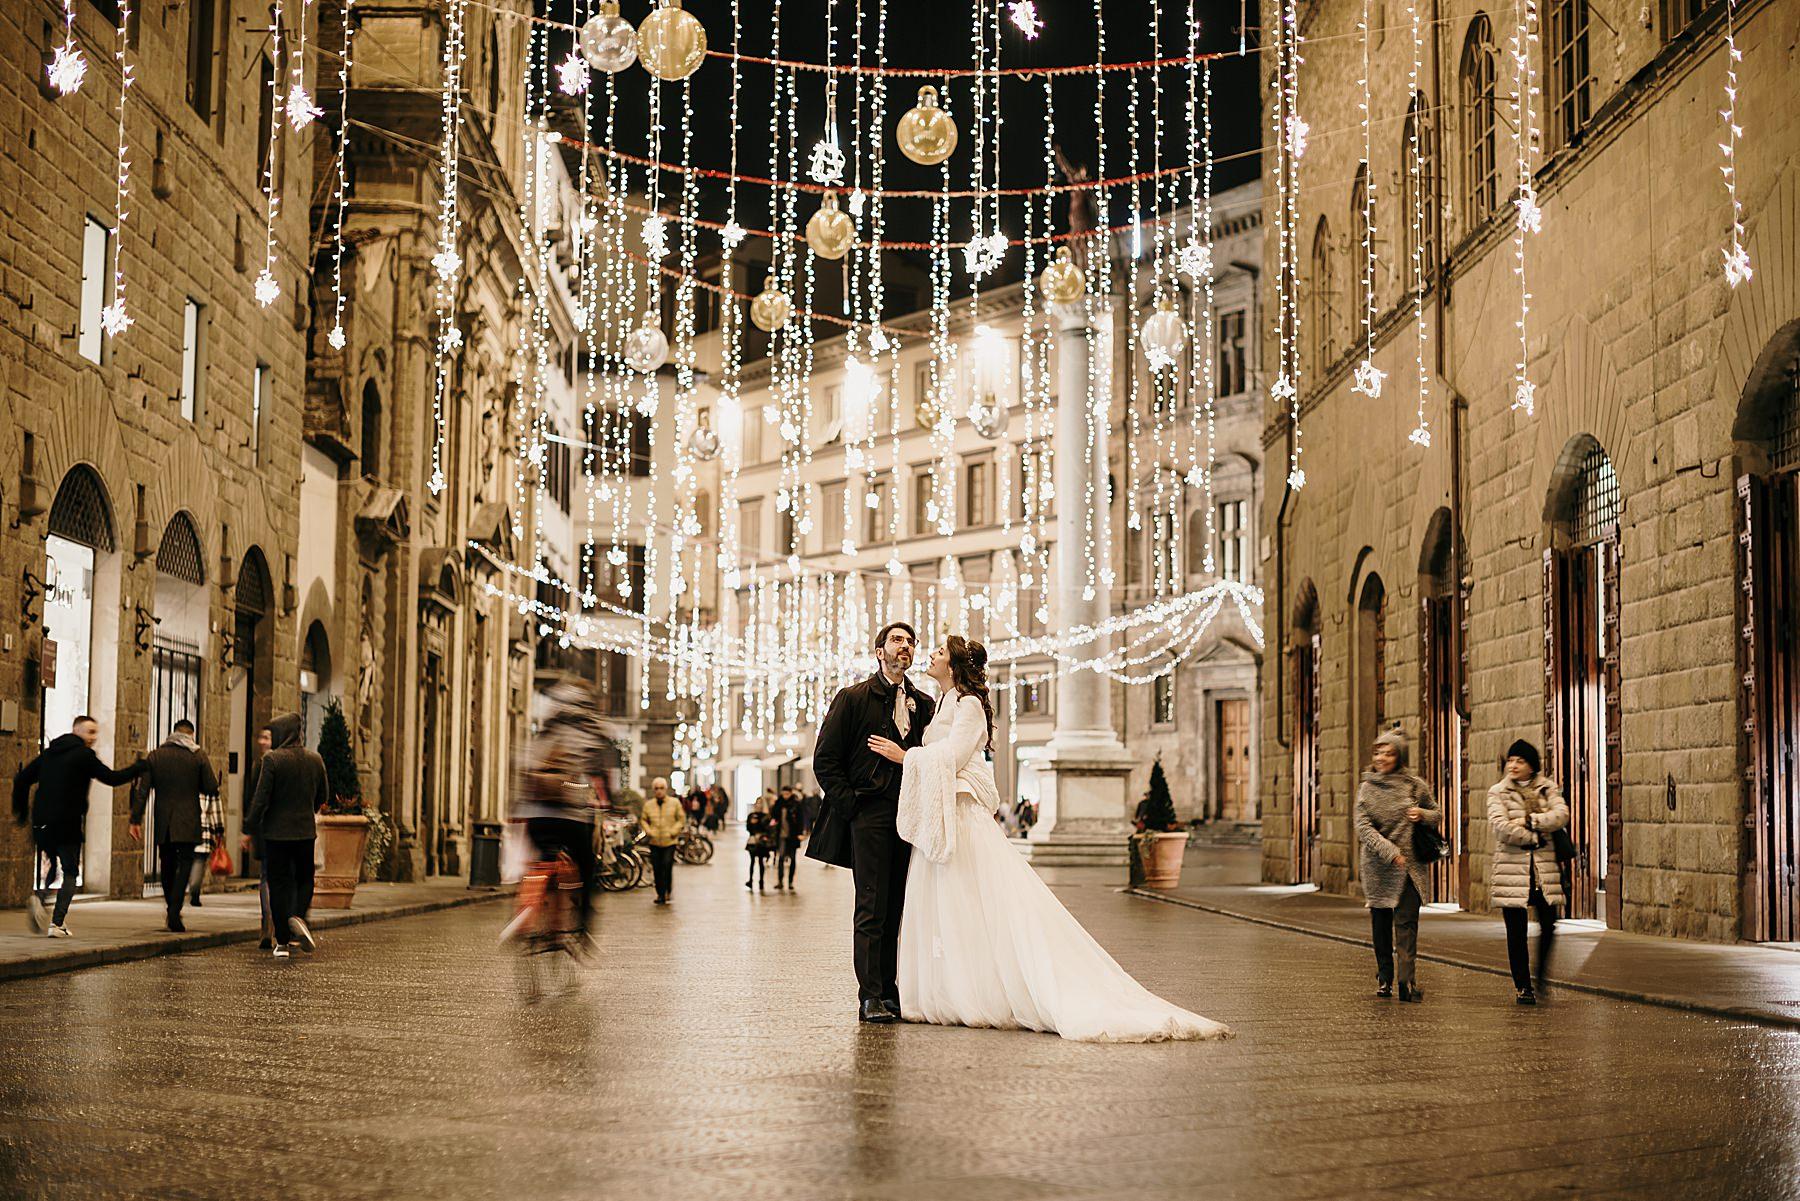 fotografia-di-matrimonio-a-firenze-in-inverno-782.JPG